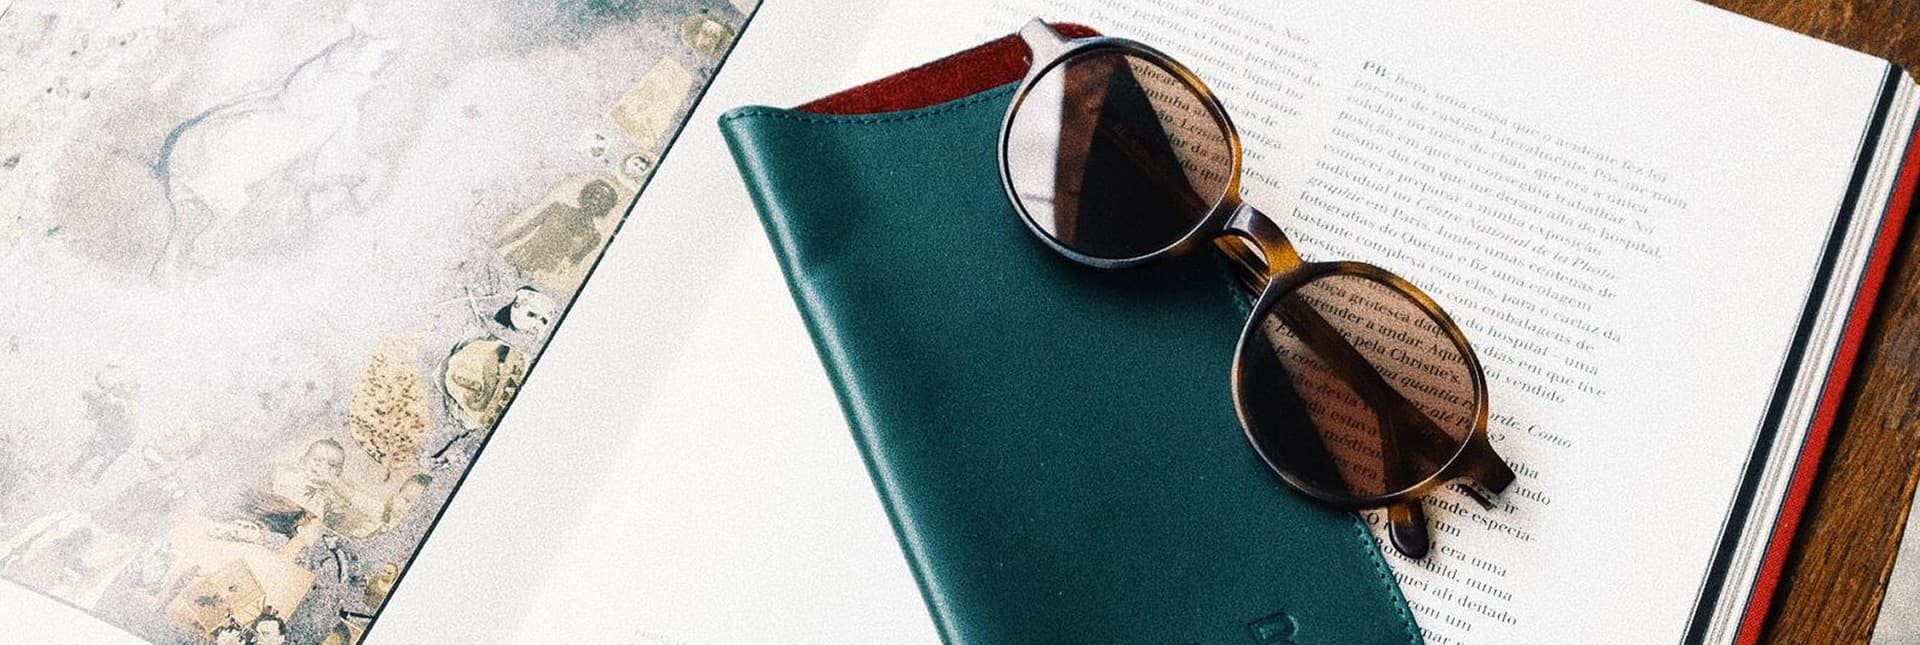 L.G.R® Sunglasses